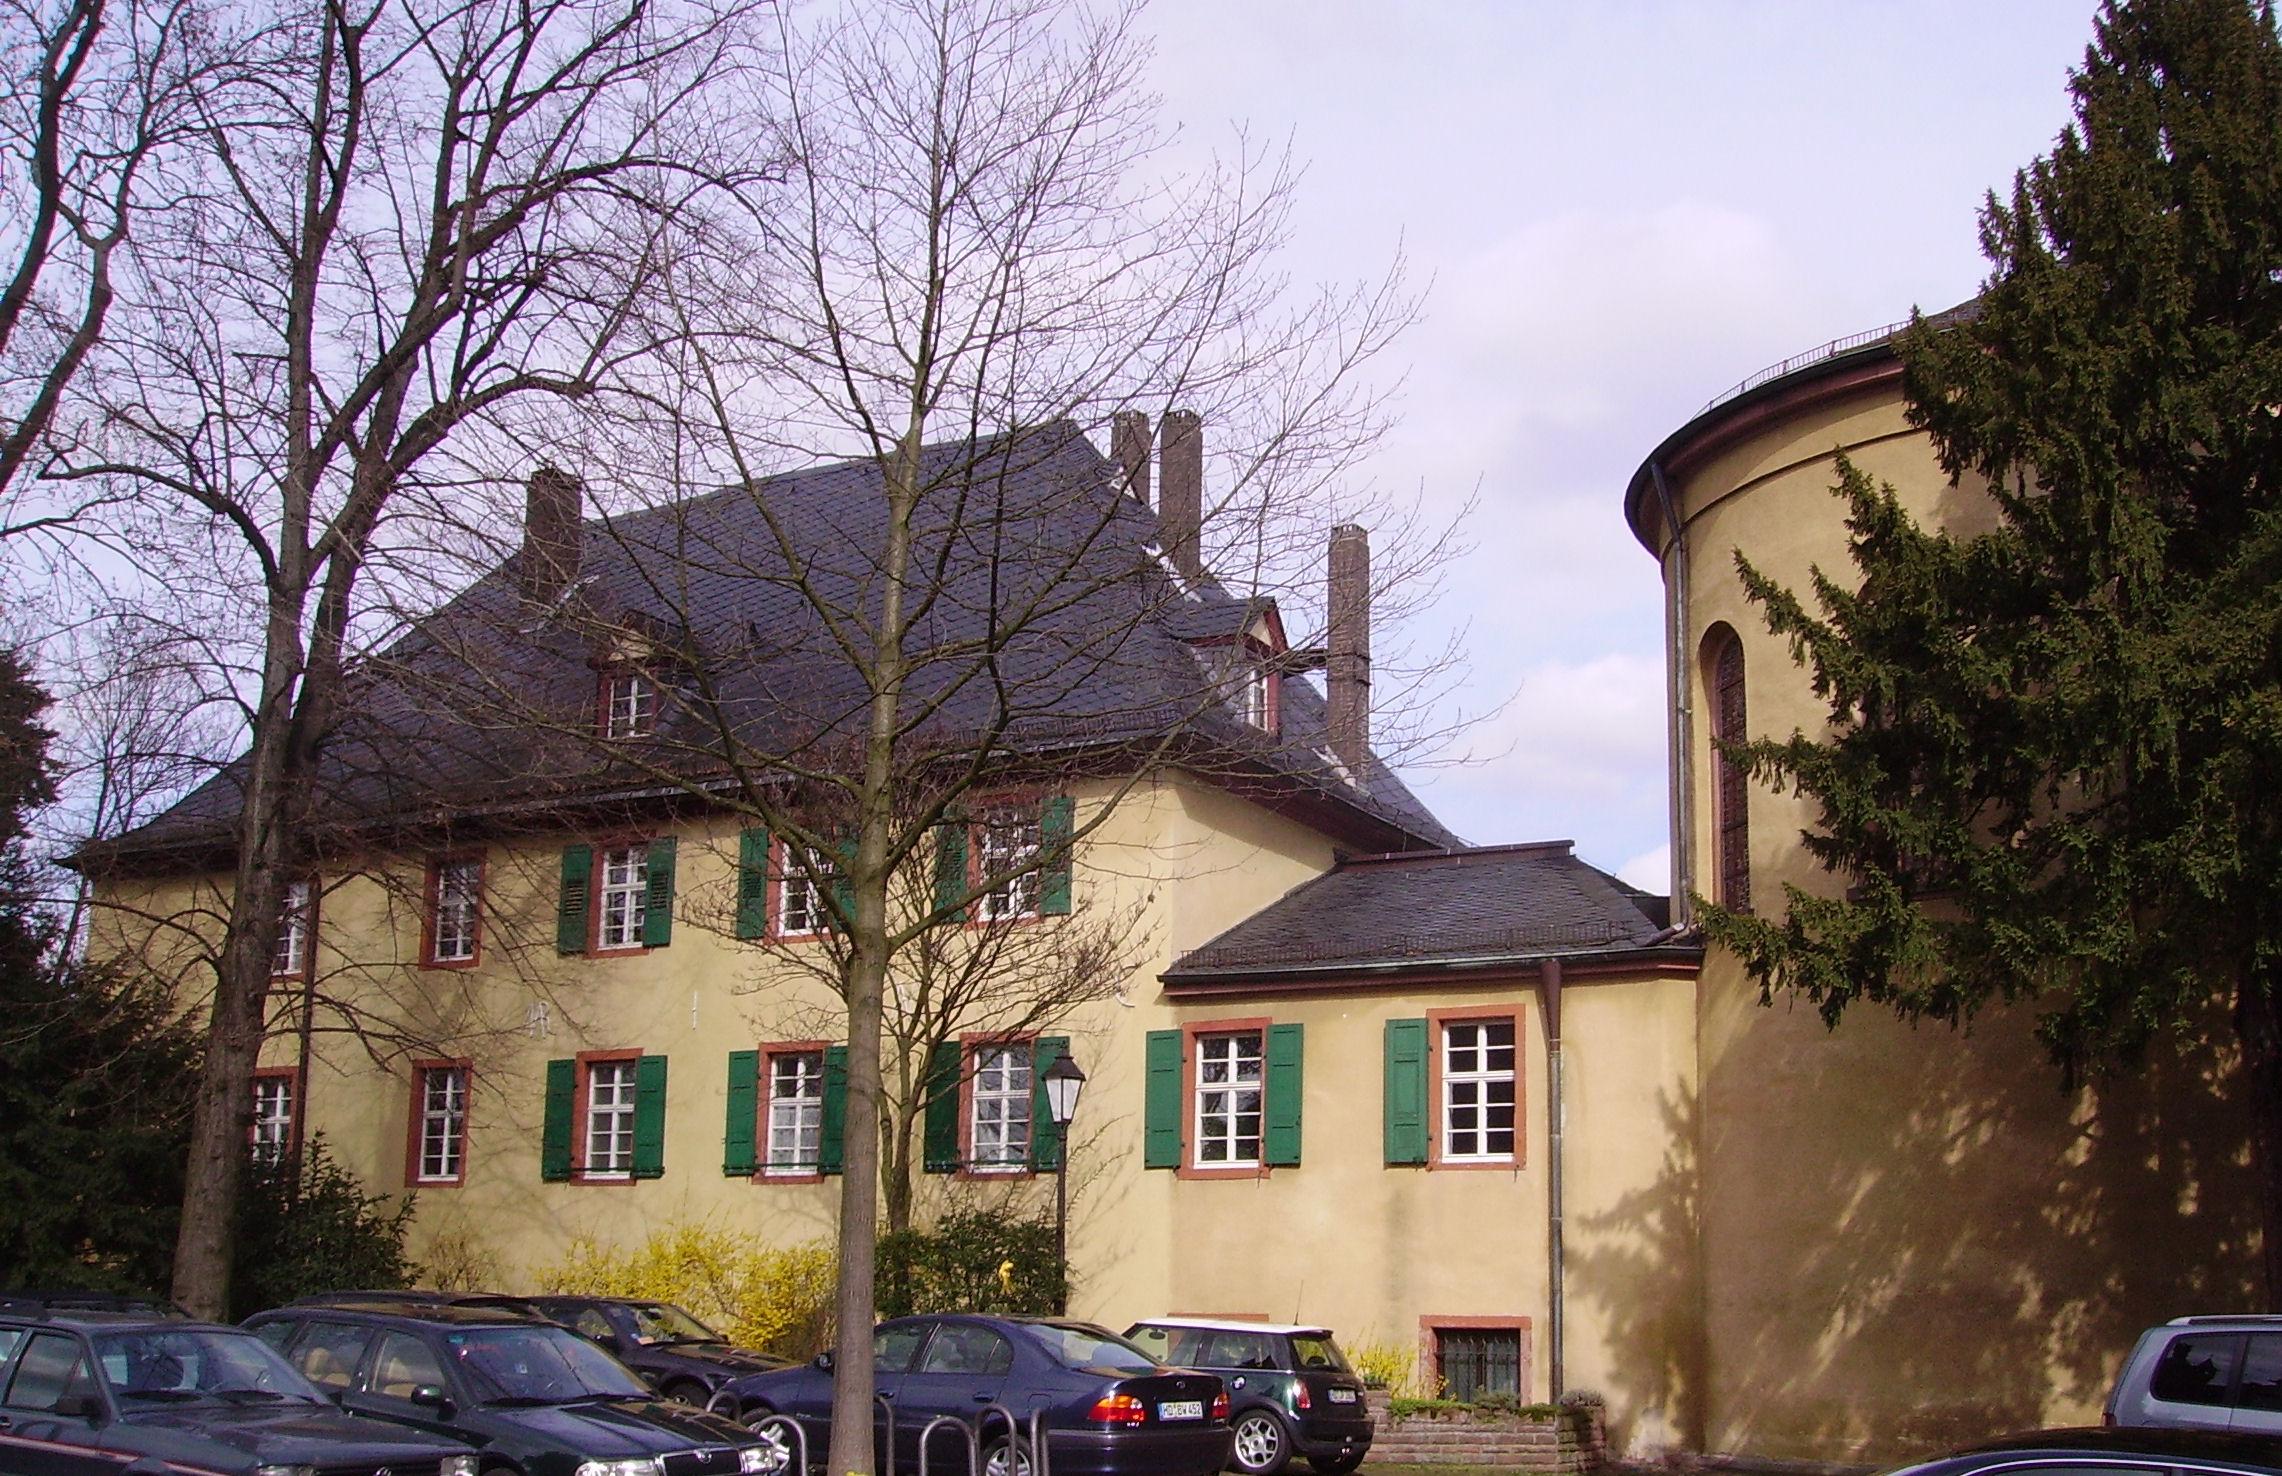 fkk nürnberg villa incognito gera